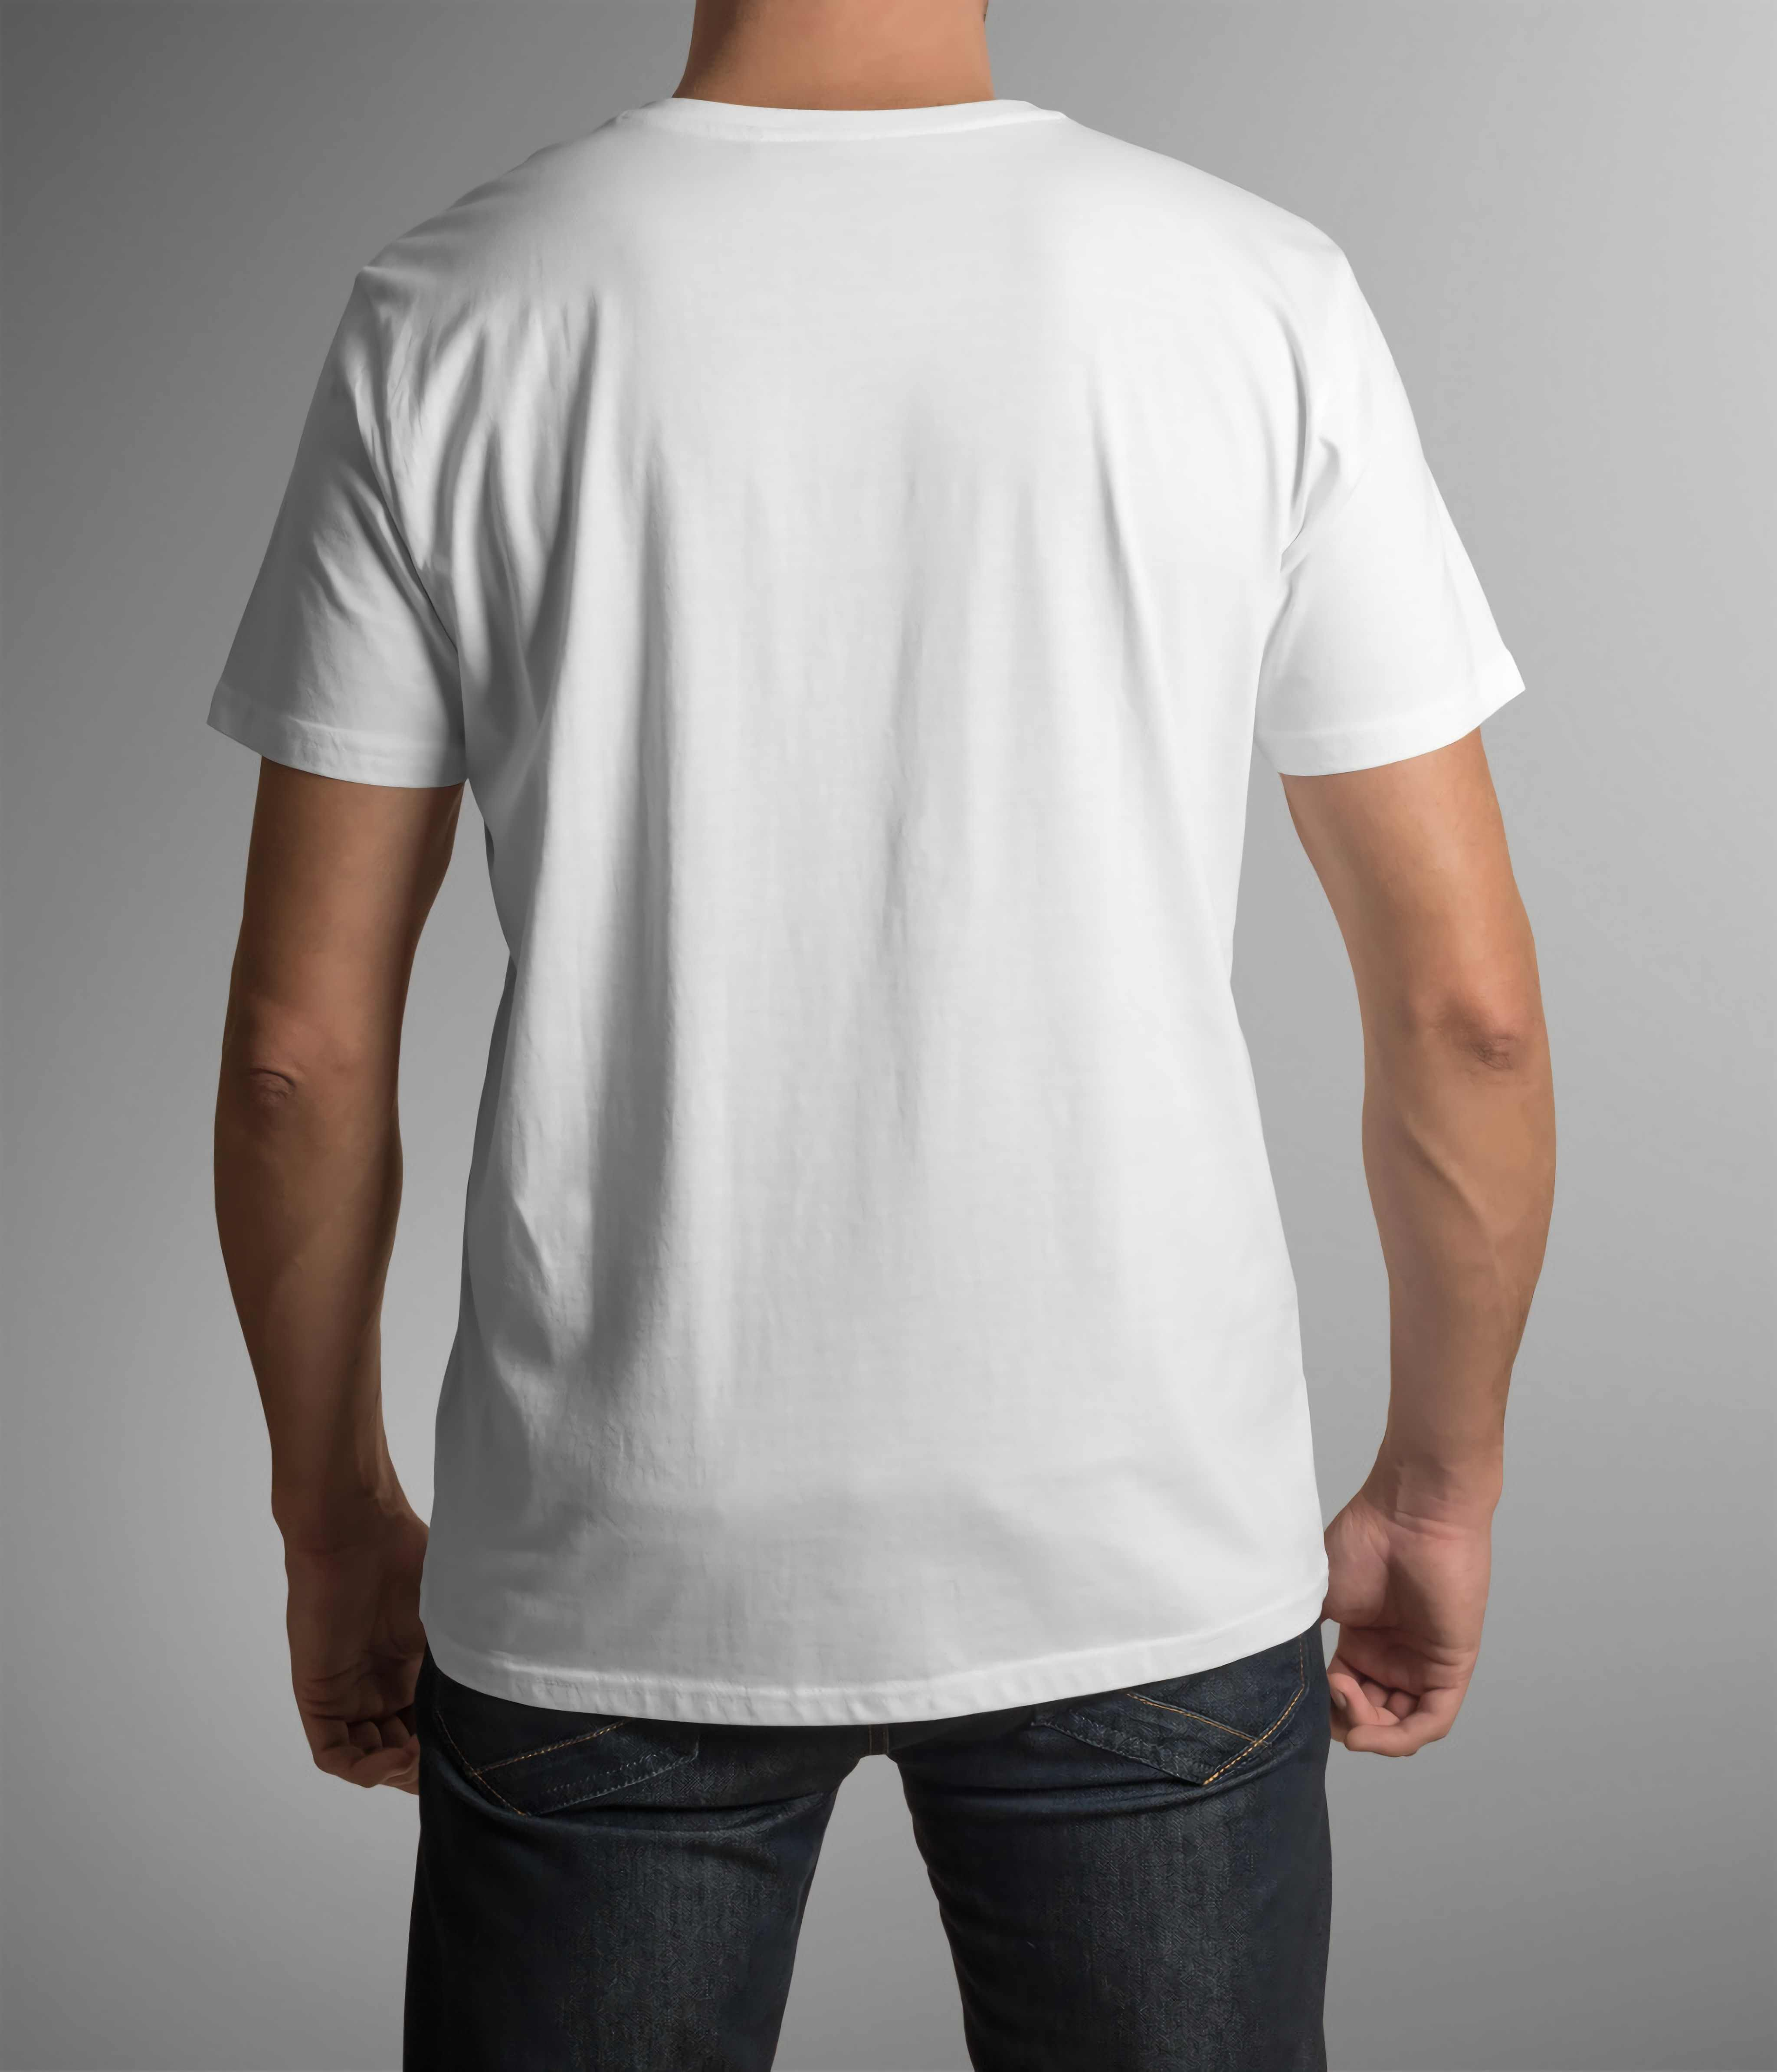 Мужские addidas футболка футбольный клуб Ливерпуль чемпионов Лига чемпионов 2019 100% с предварительной усадкой рубашка Gildan